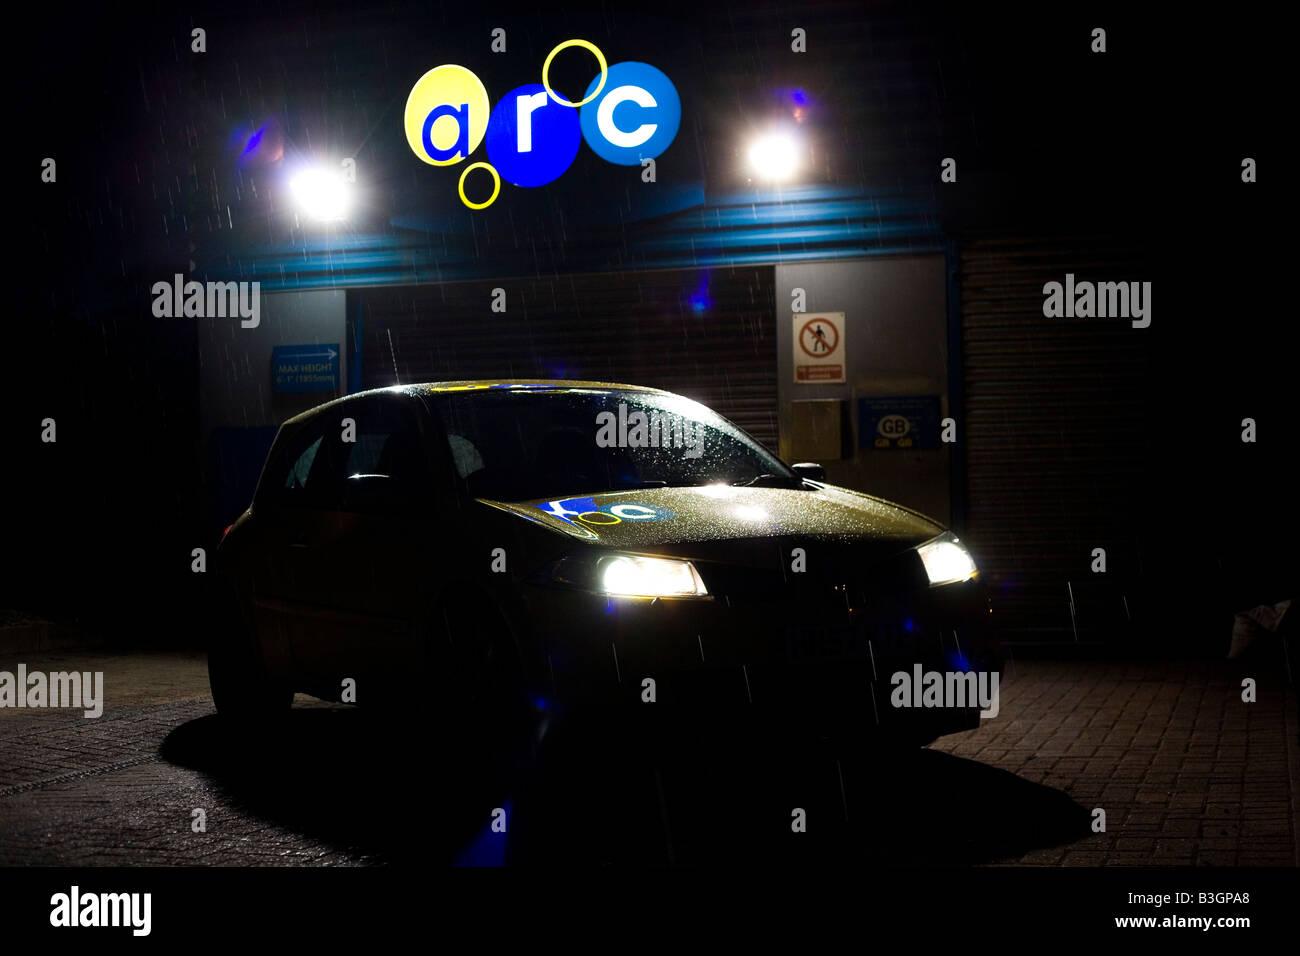 Arc Car Wash Loughborough